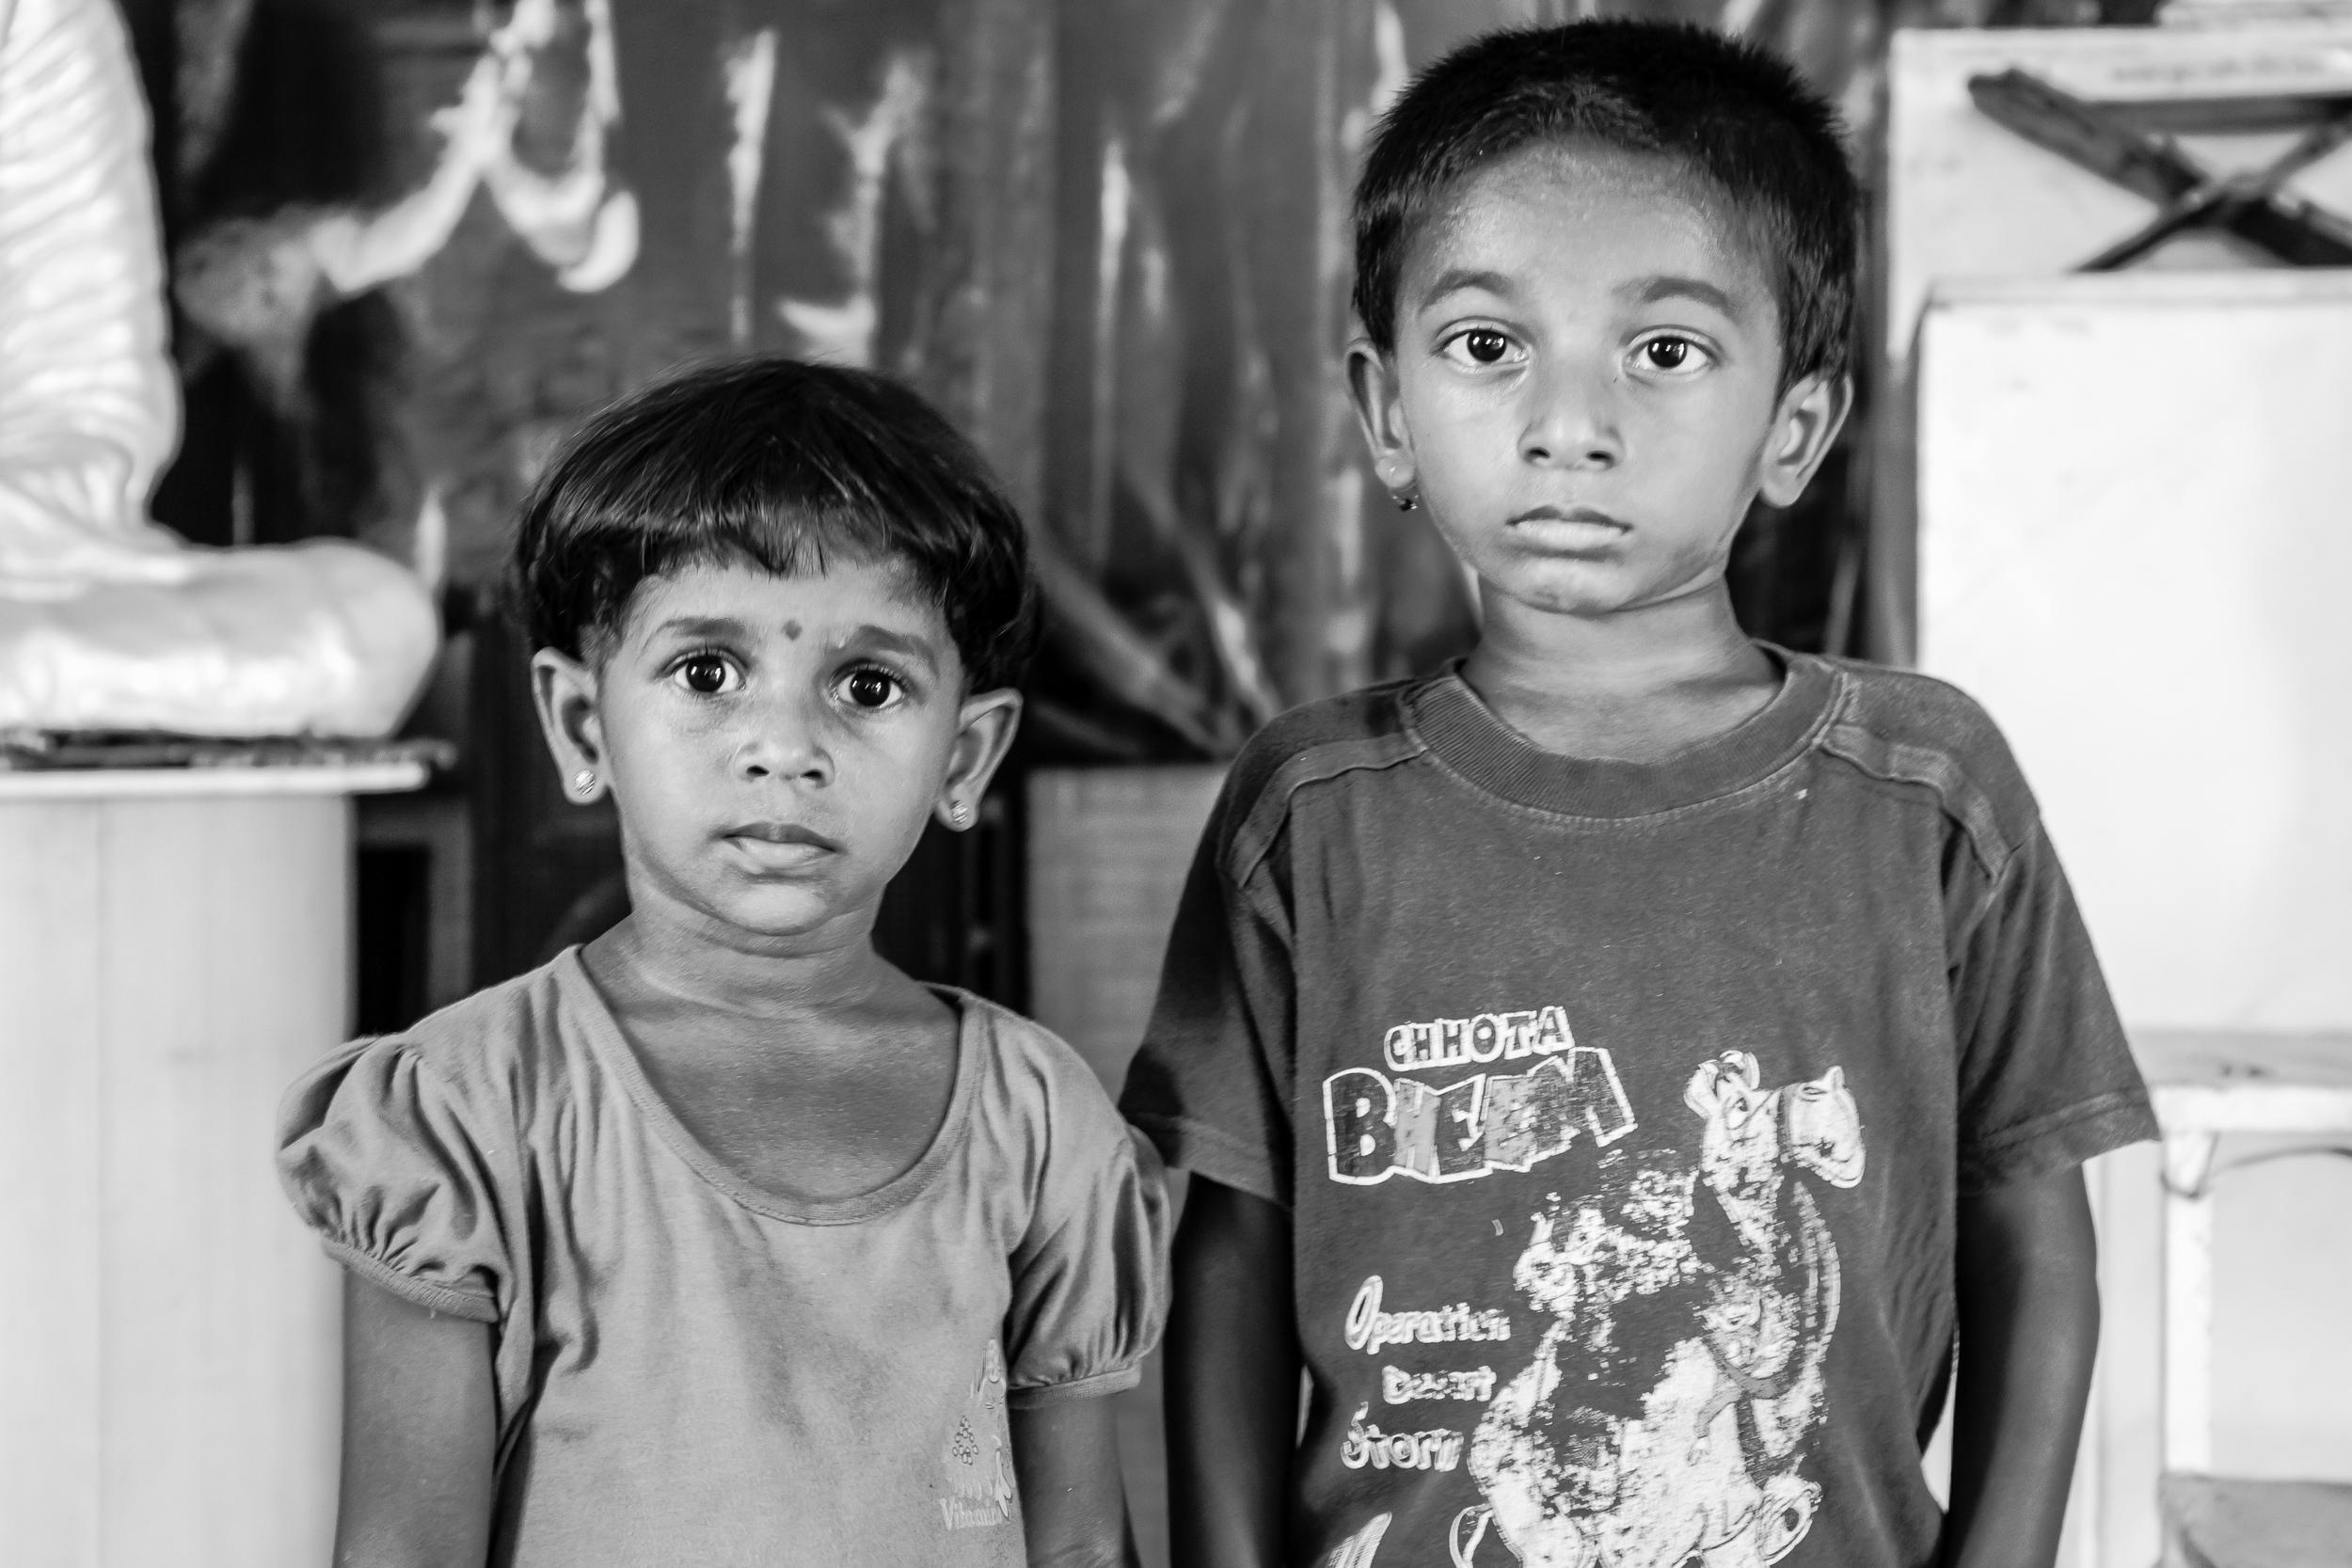 PALITA'S PHOTOGRAPHY, MUMBAI 2014